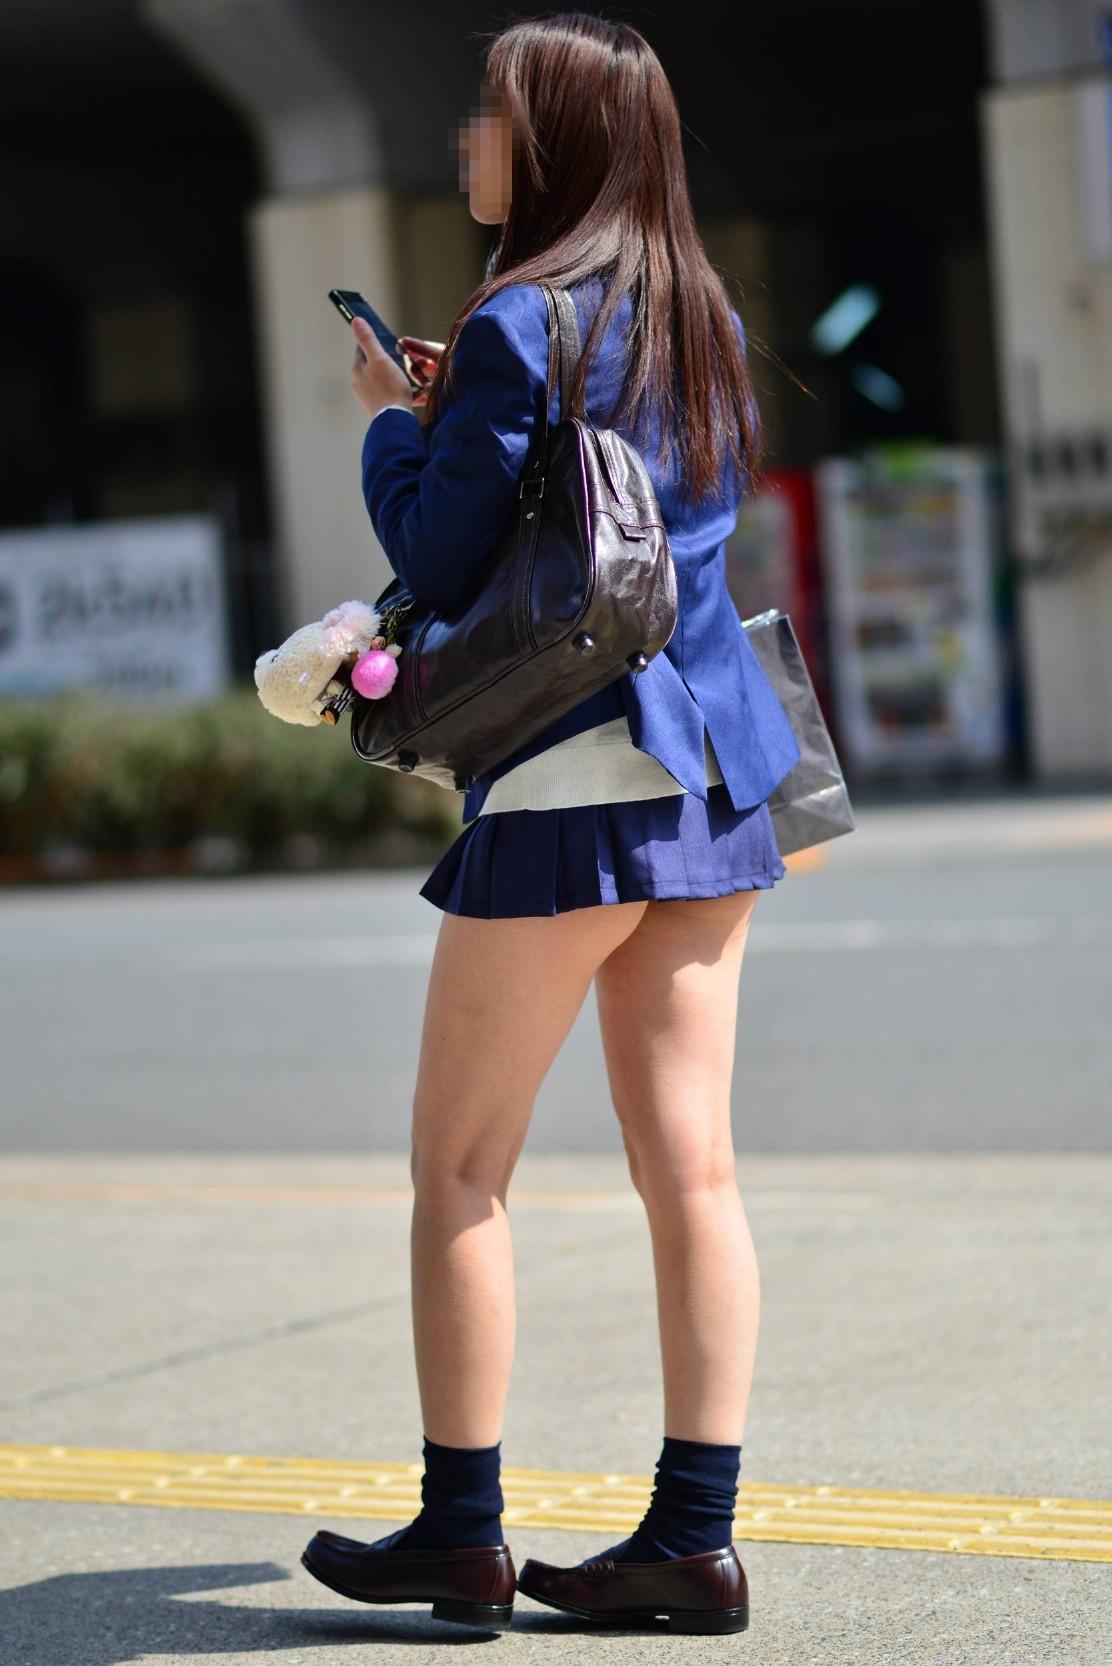 スマホをいじるスケベな格好したお姉さんの街撮り画像 PGpU9Kn